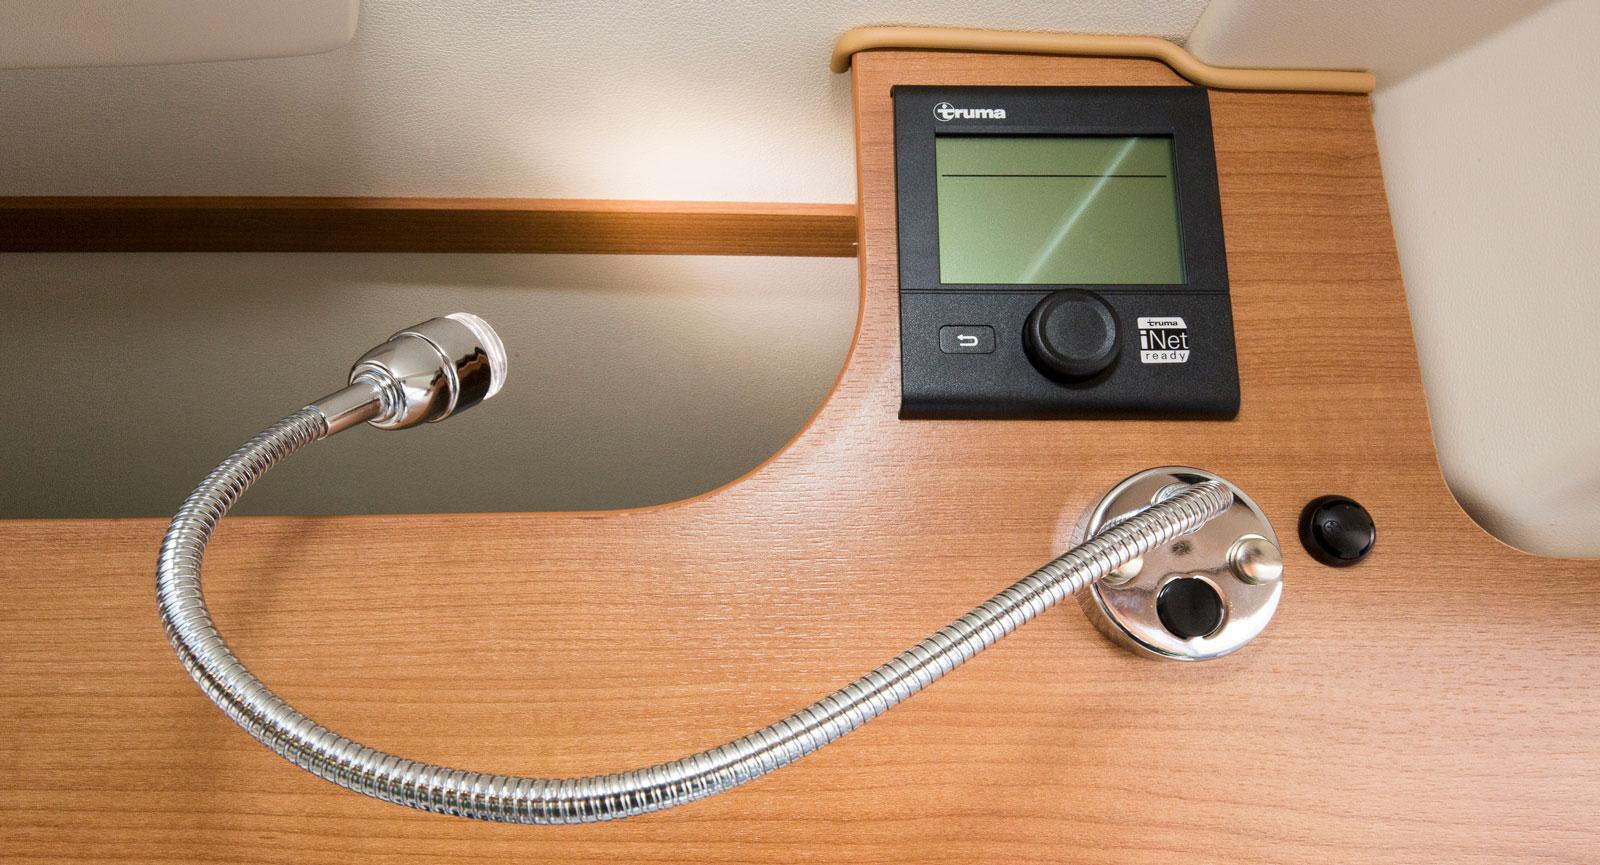 Innanför dörren finns manöverpanelen som är iNet förberedd. Lampan är praktisk för den kan vridas in i facket över förarhytten.